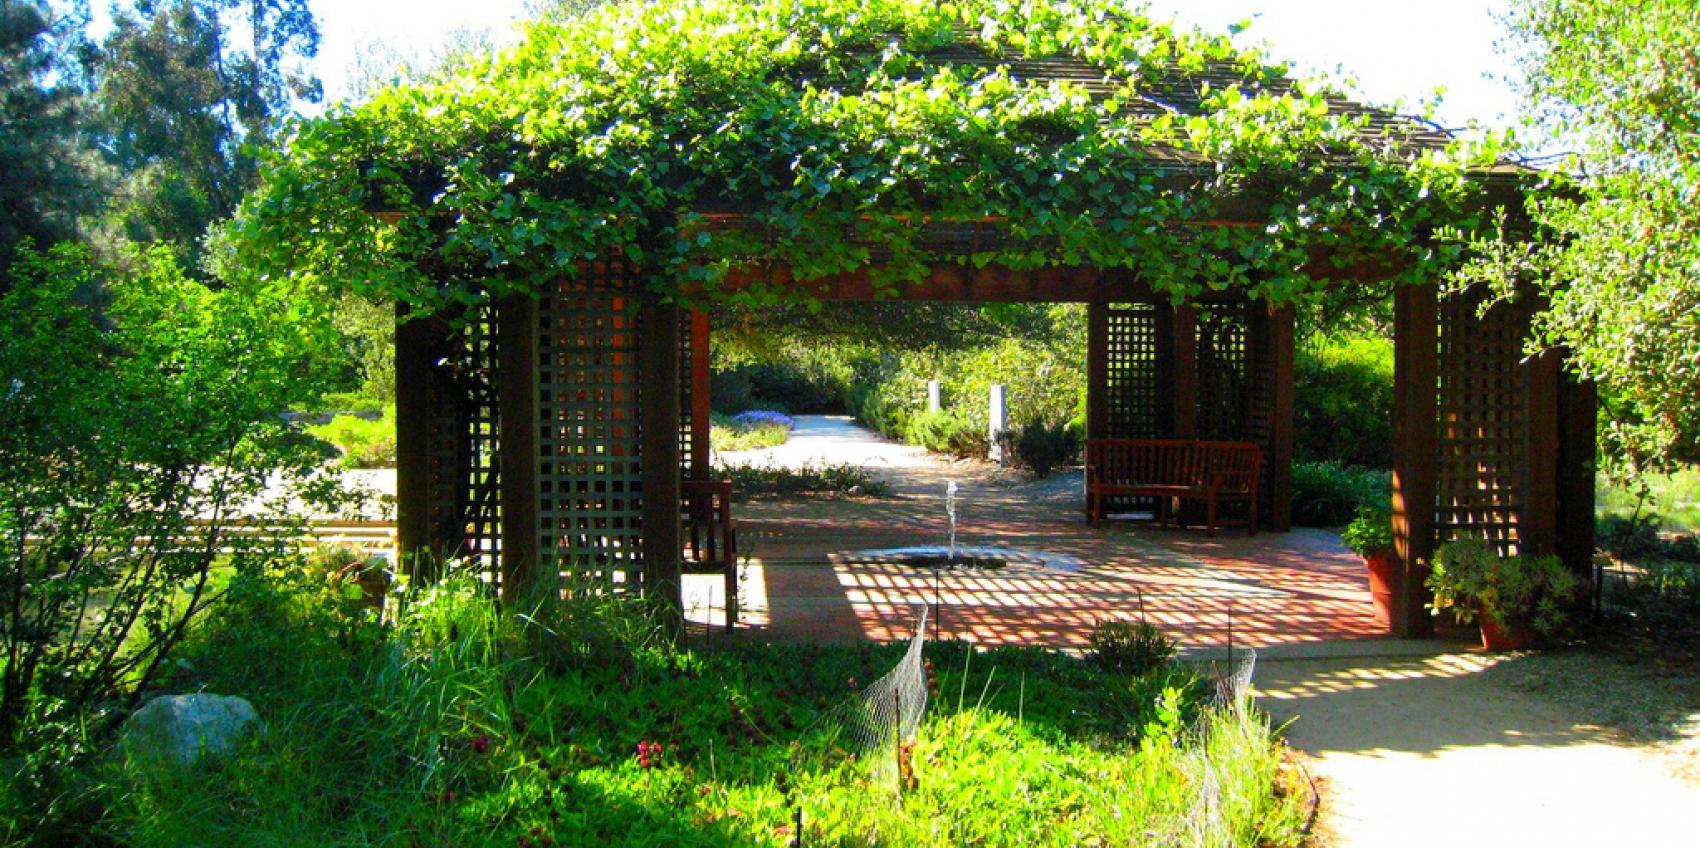 Rancho Santa Ana Botanic Garden American Public Gardens Association